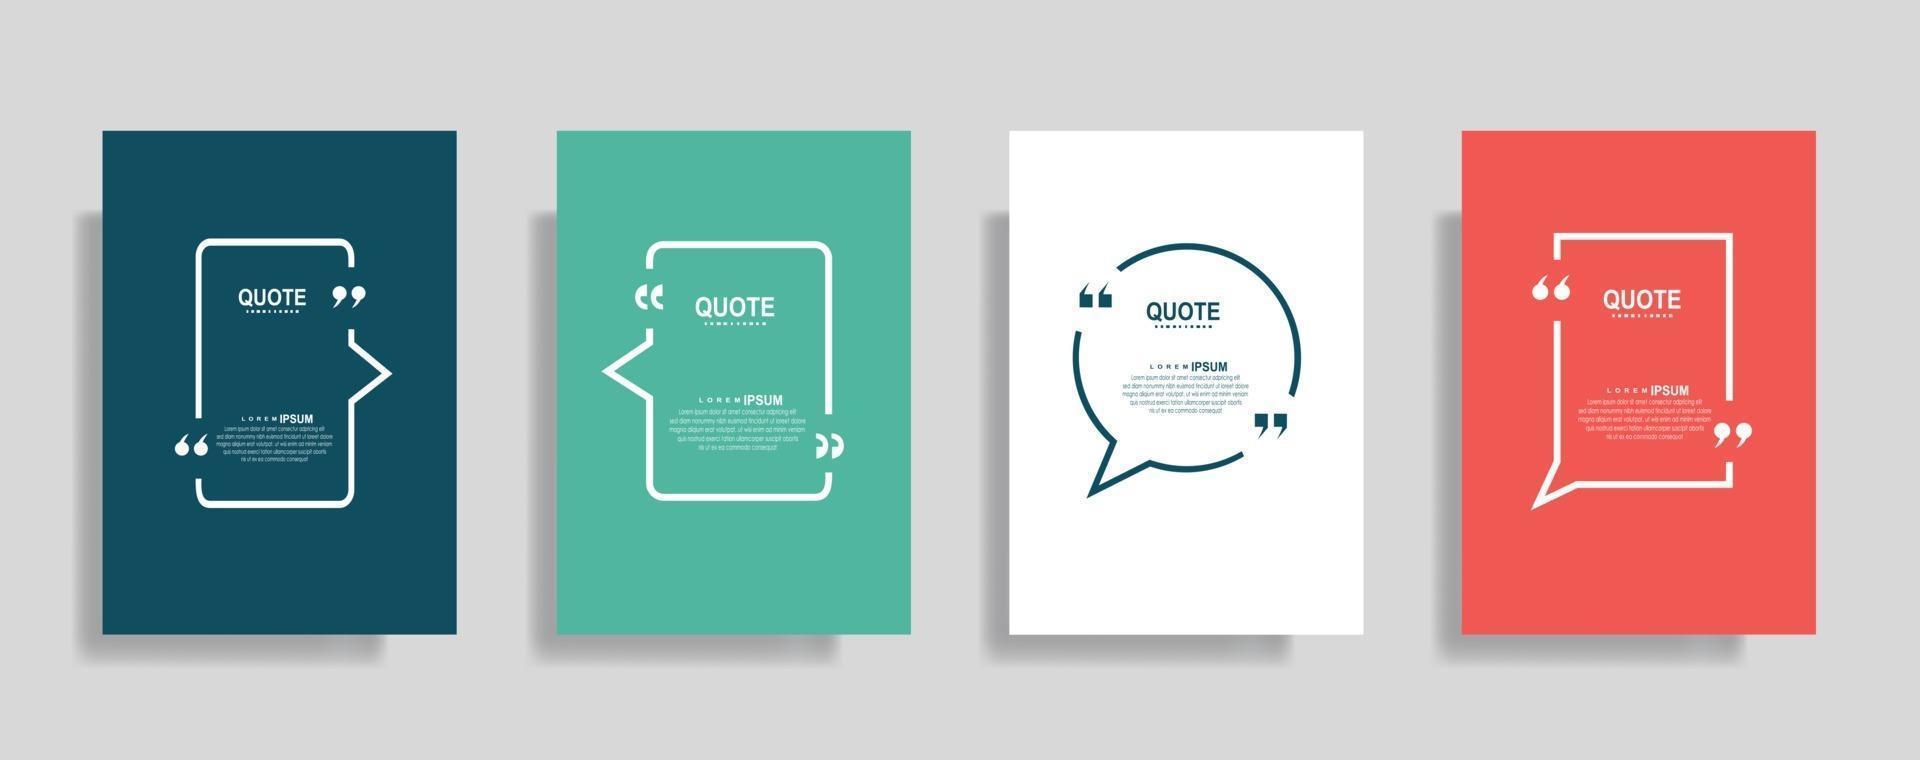 citaten frame lege sjablonen set. tekst tussen haakjes, citaat lege tekstballonnen. tekstvak geïsoleerd op een achtergrond in kleur. vector